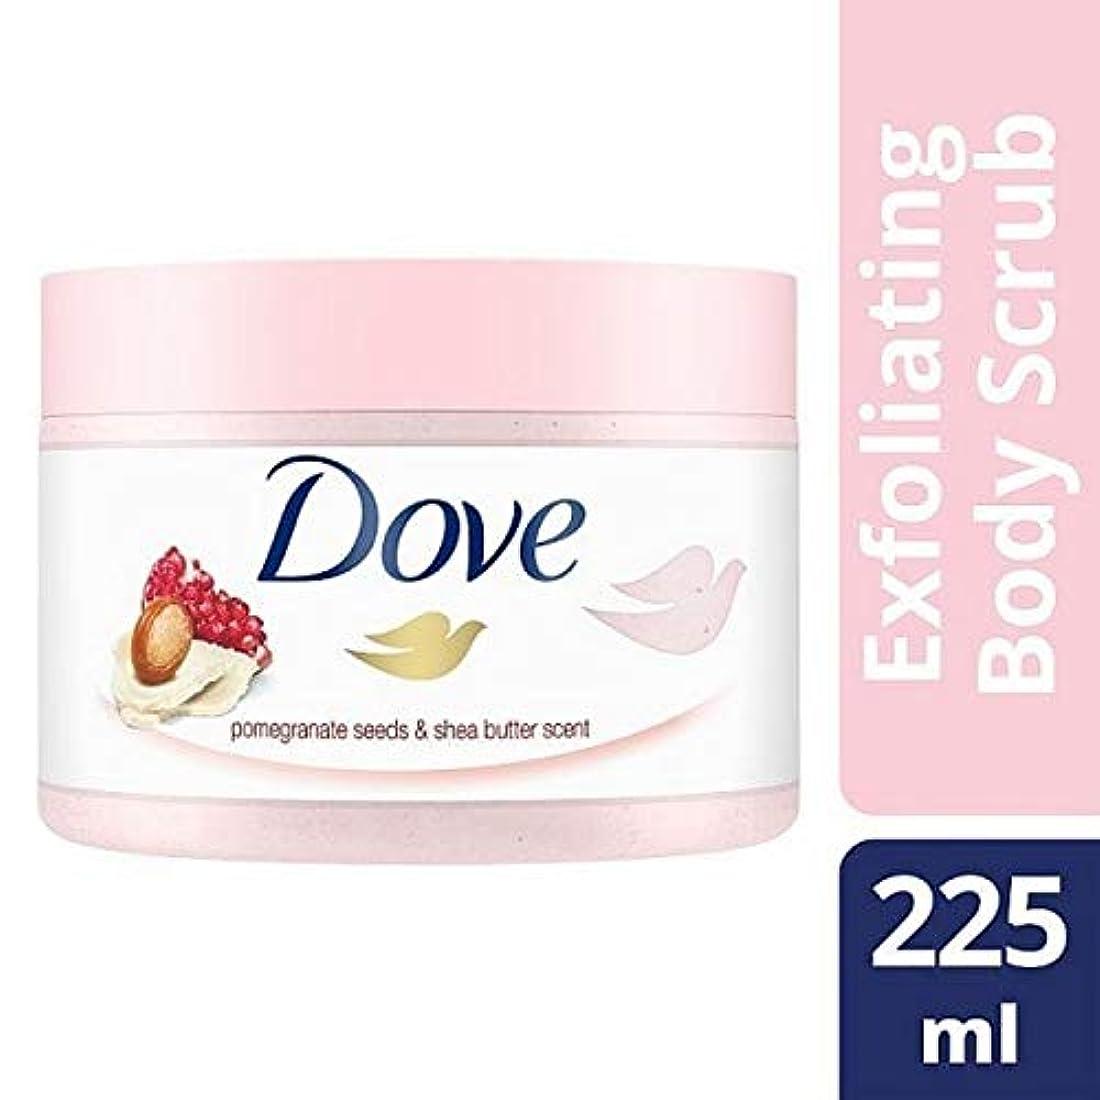 入る新しさラショナル[Dove ] 225ミリリットルボディスクラブザクロ種子を剥離鳩 - Dove Exfoliating Body Scrub Pomegranate Seeds 225ml [並行輸入品]